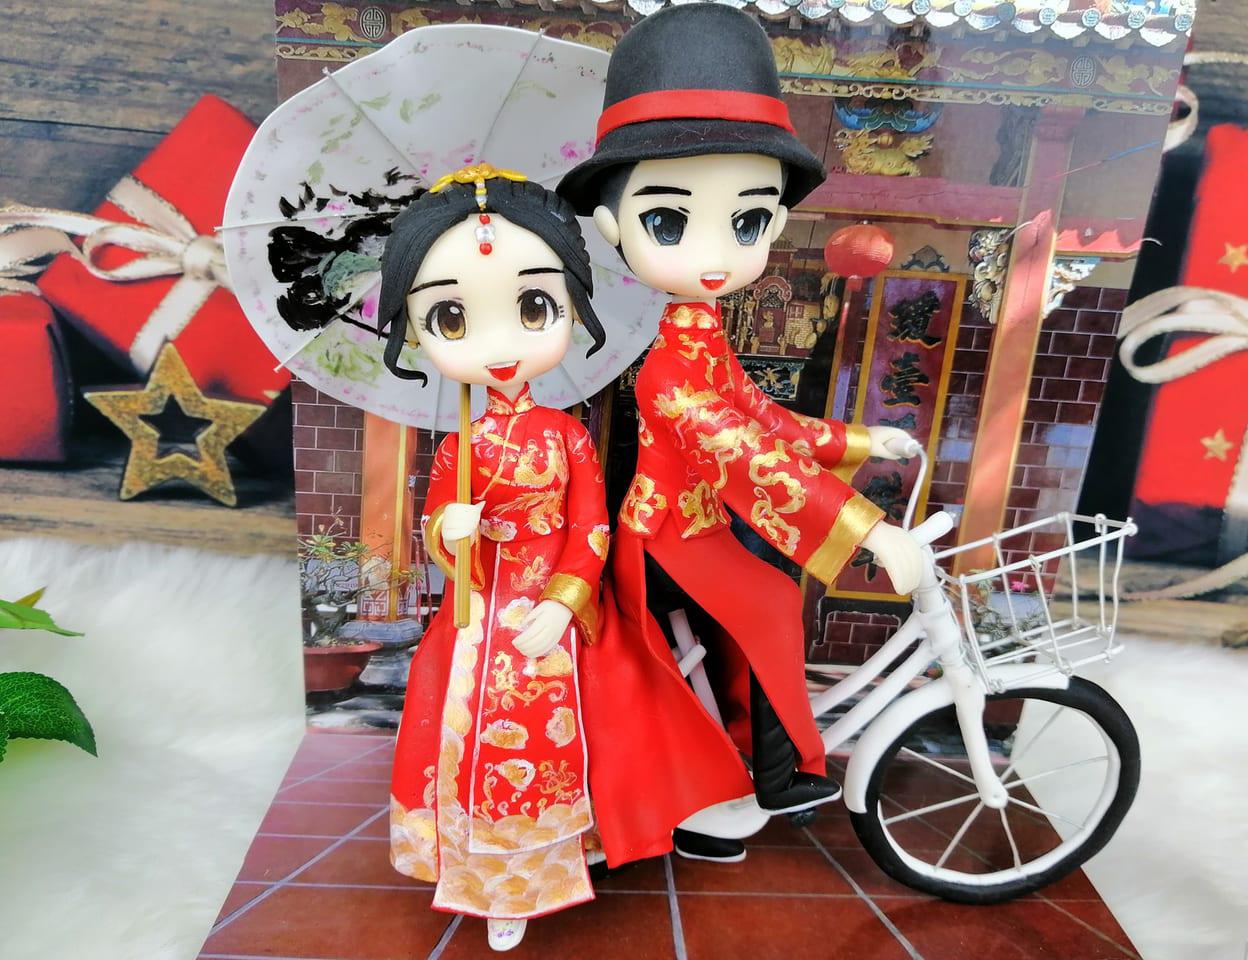 Quà tặng đám cưới cô dâu chú rể【Mua Ngay】 【Click Ngay】 【Khuyến Mãi】